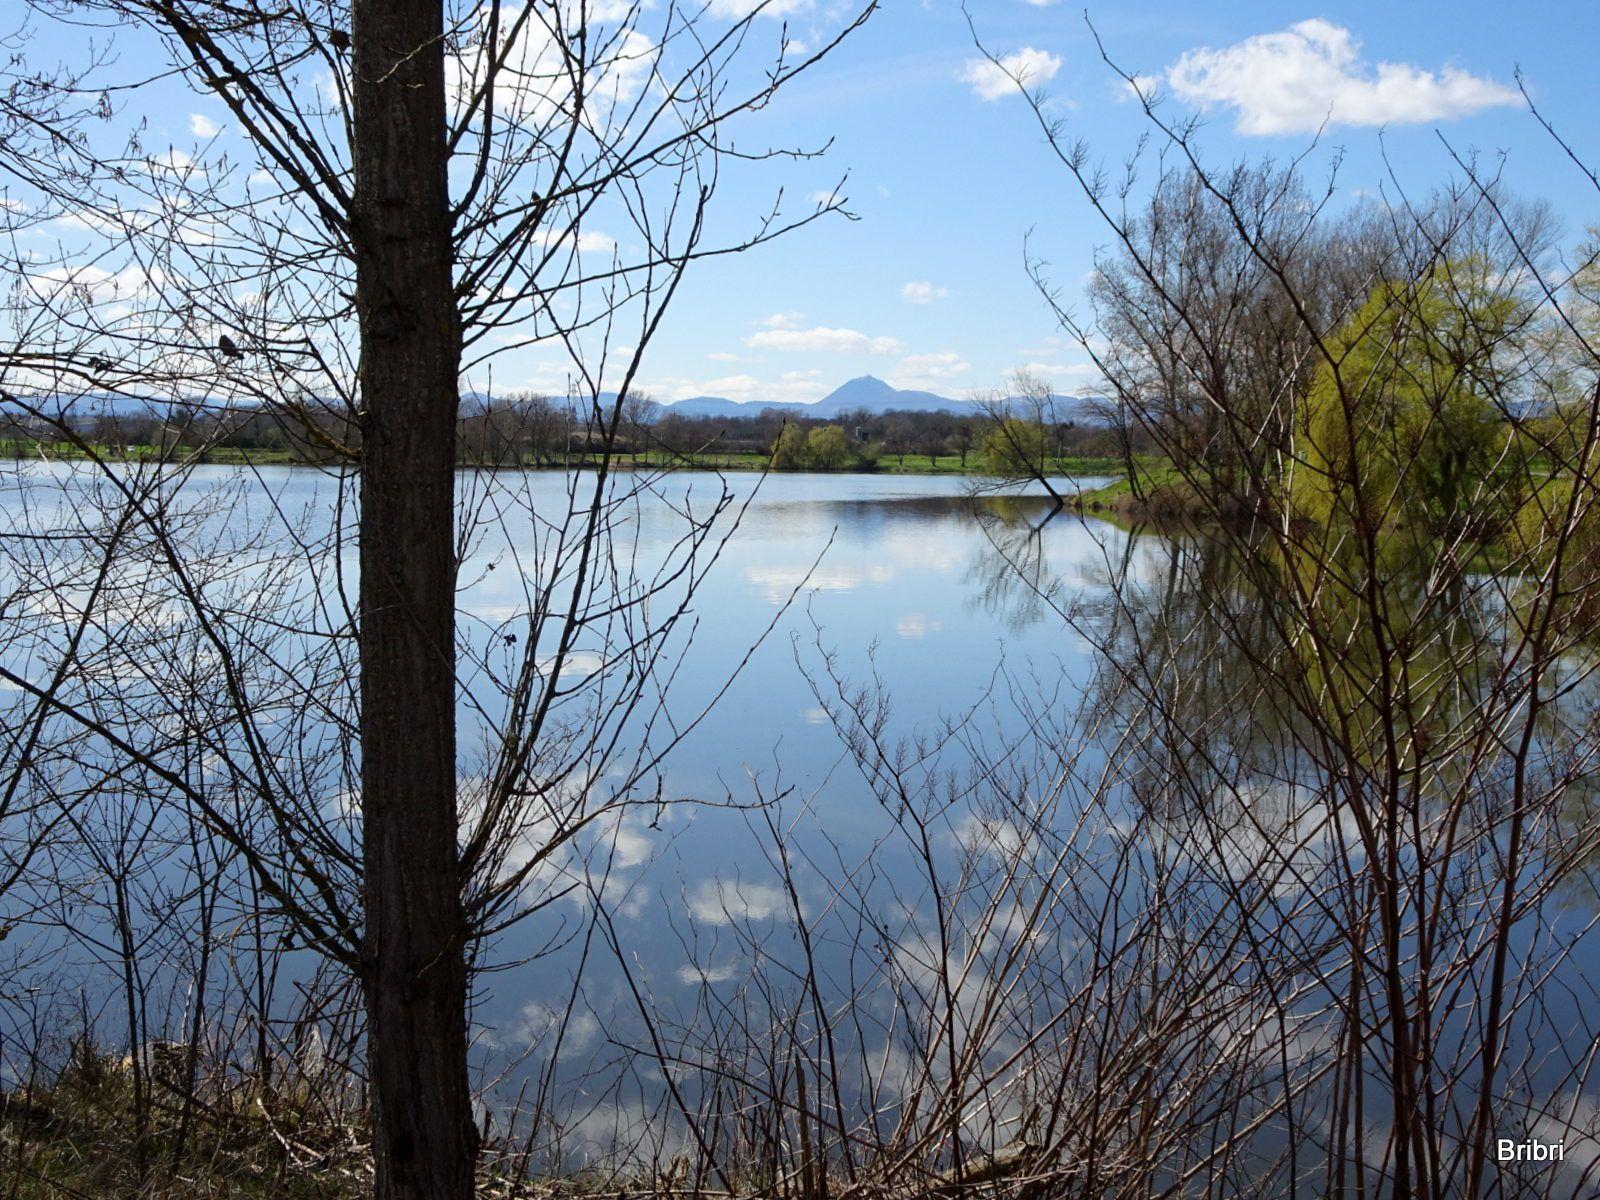 Nous reprenons notre chemin et arrivons à l'étang pour en faire le tour. Des canards heureux et le géant au loin.